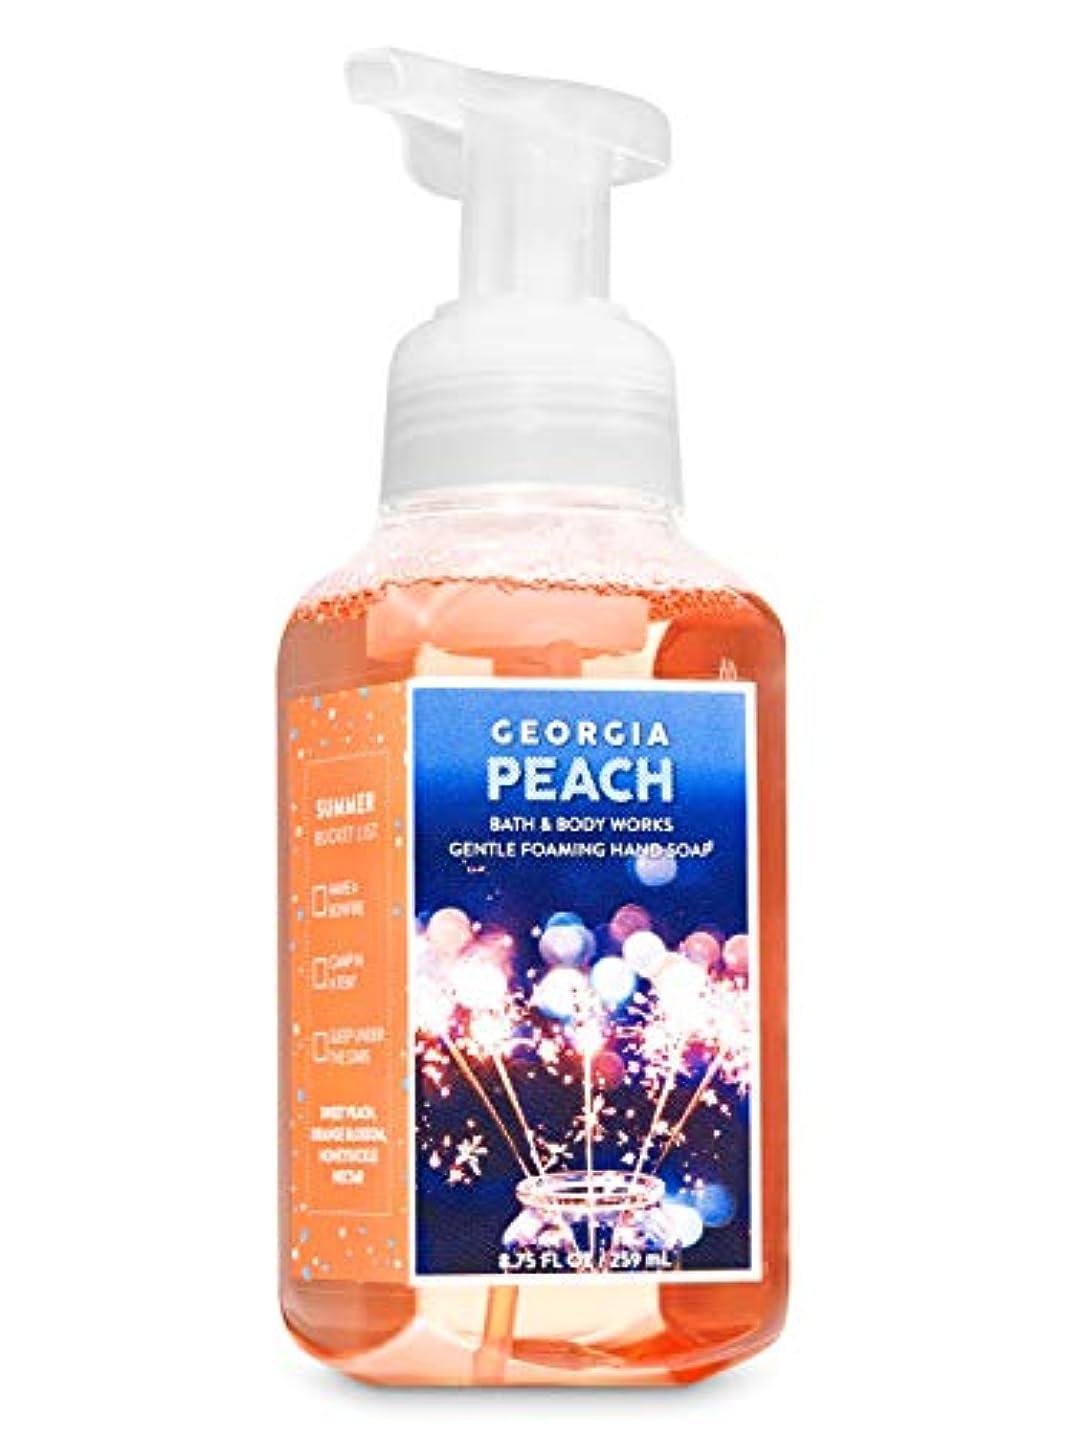 ナース浮く凝視バス&ボディワークス ジョージアピーチ ジェントル フォーミング ハンドソープ Georgia Peach Gentle Foaming Hand Soap